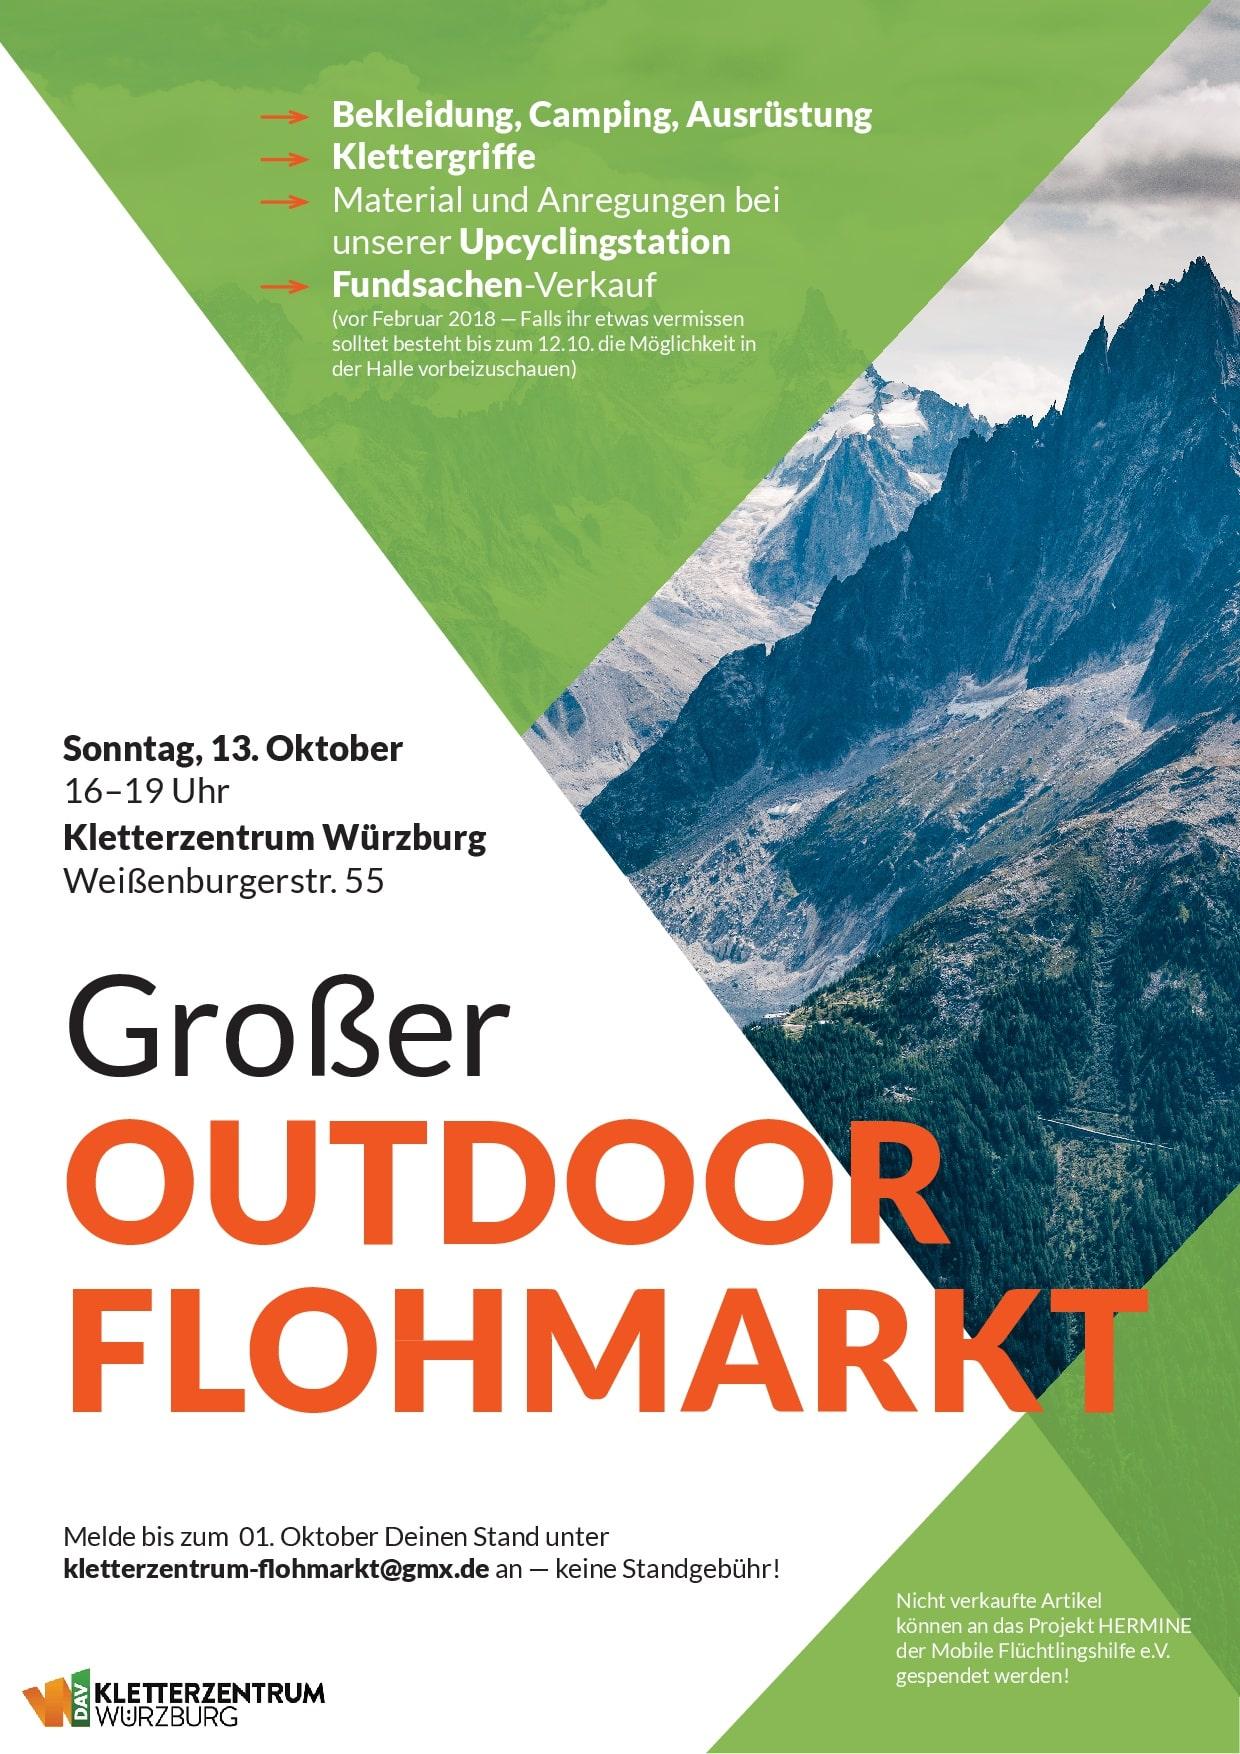 Plakat_A3_Outdoor_Flohmarkt-min